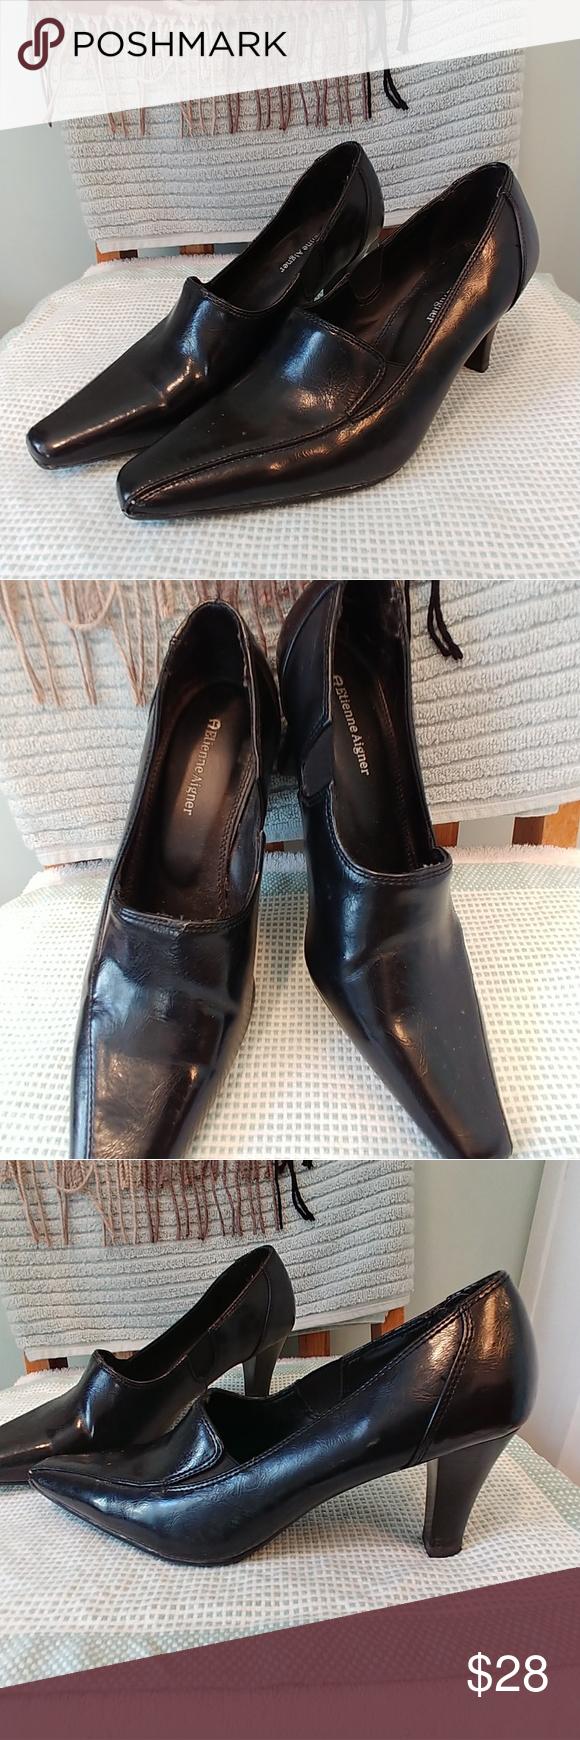 3f38cc864c EUC Etienne Aigner sz 6.5 black leather heels EUC Etienne Aigner sz 6.5 black  leather, 2.5 in heels, worn twice, perfect condition Etienne Aigner Shoes  ...